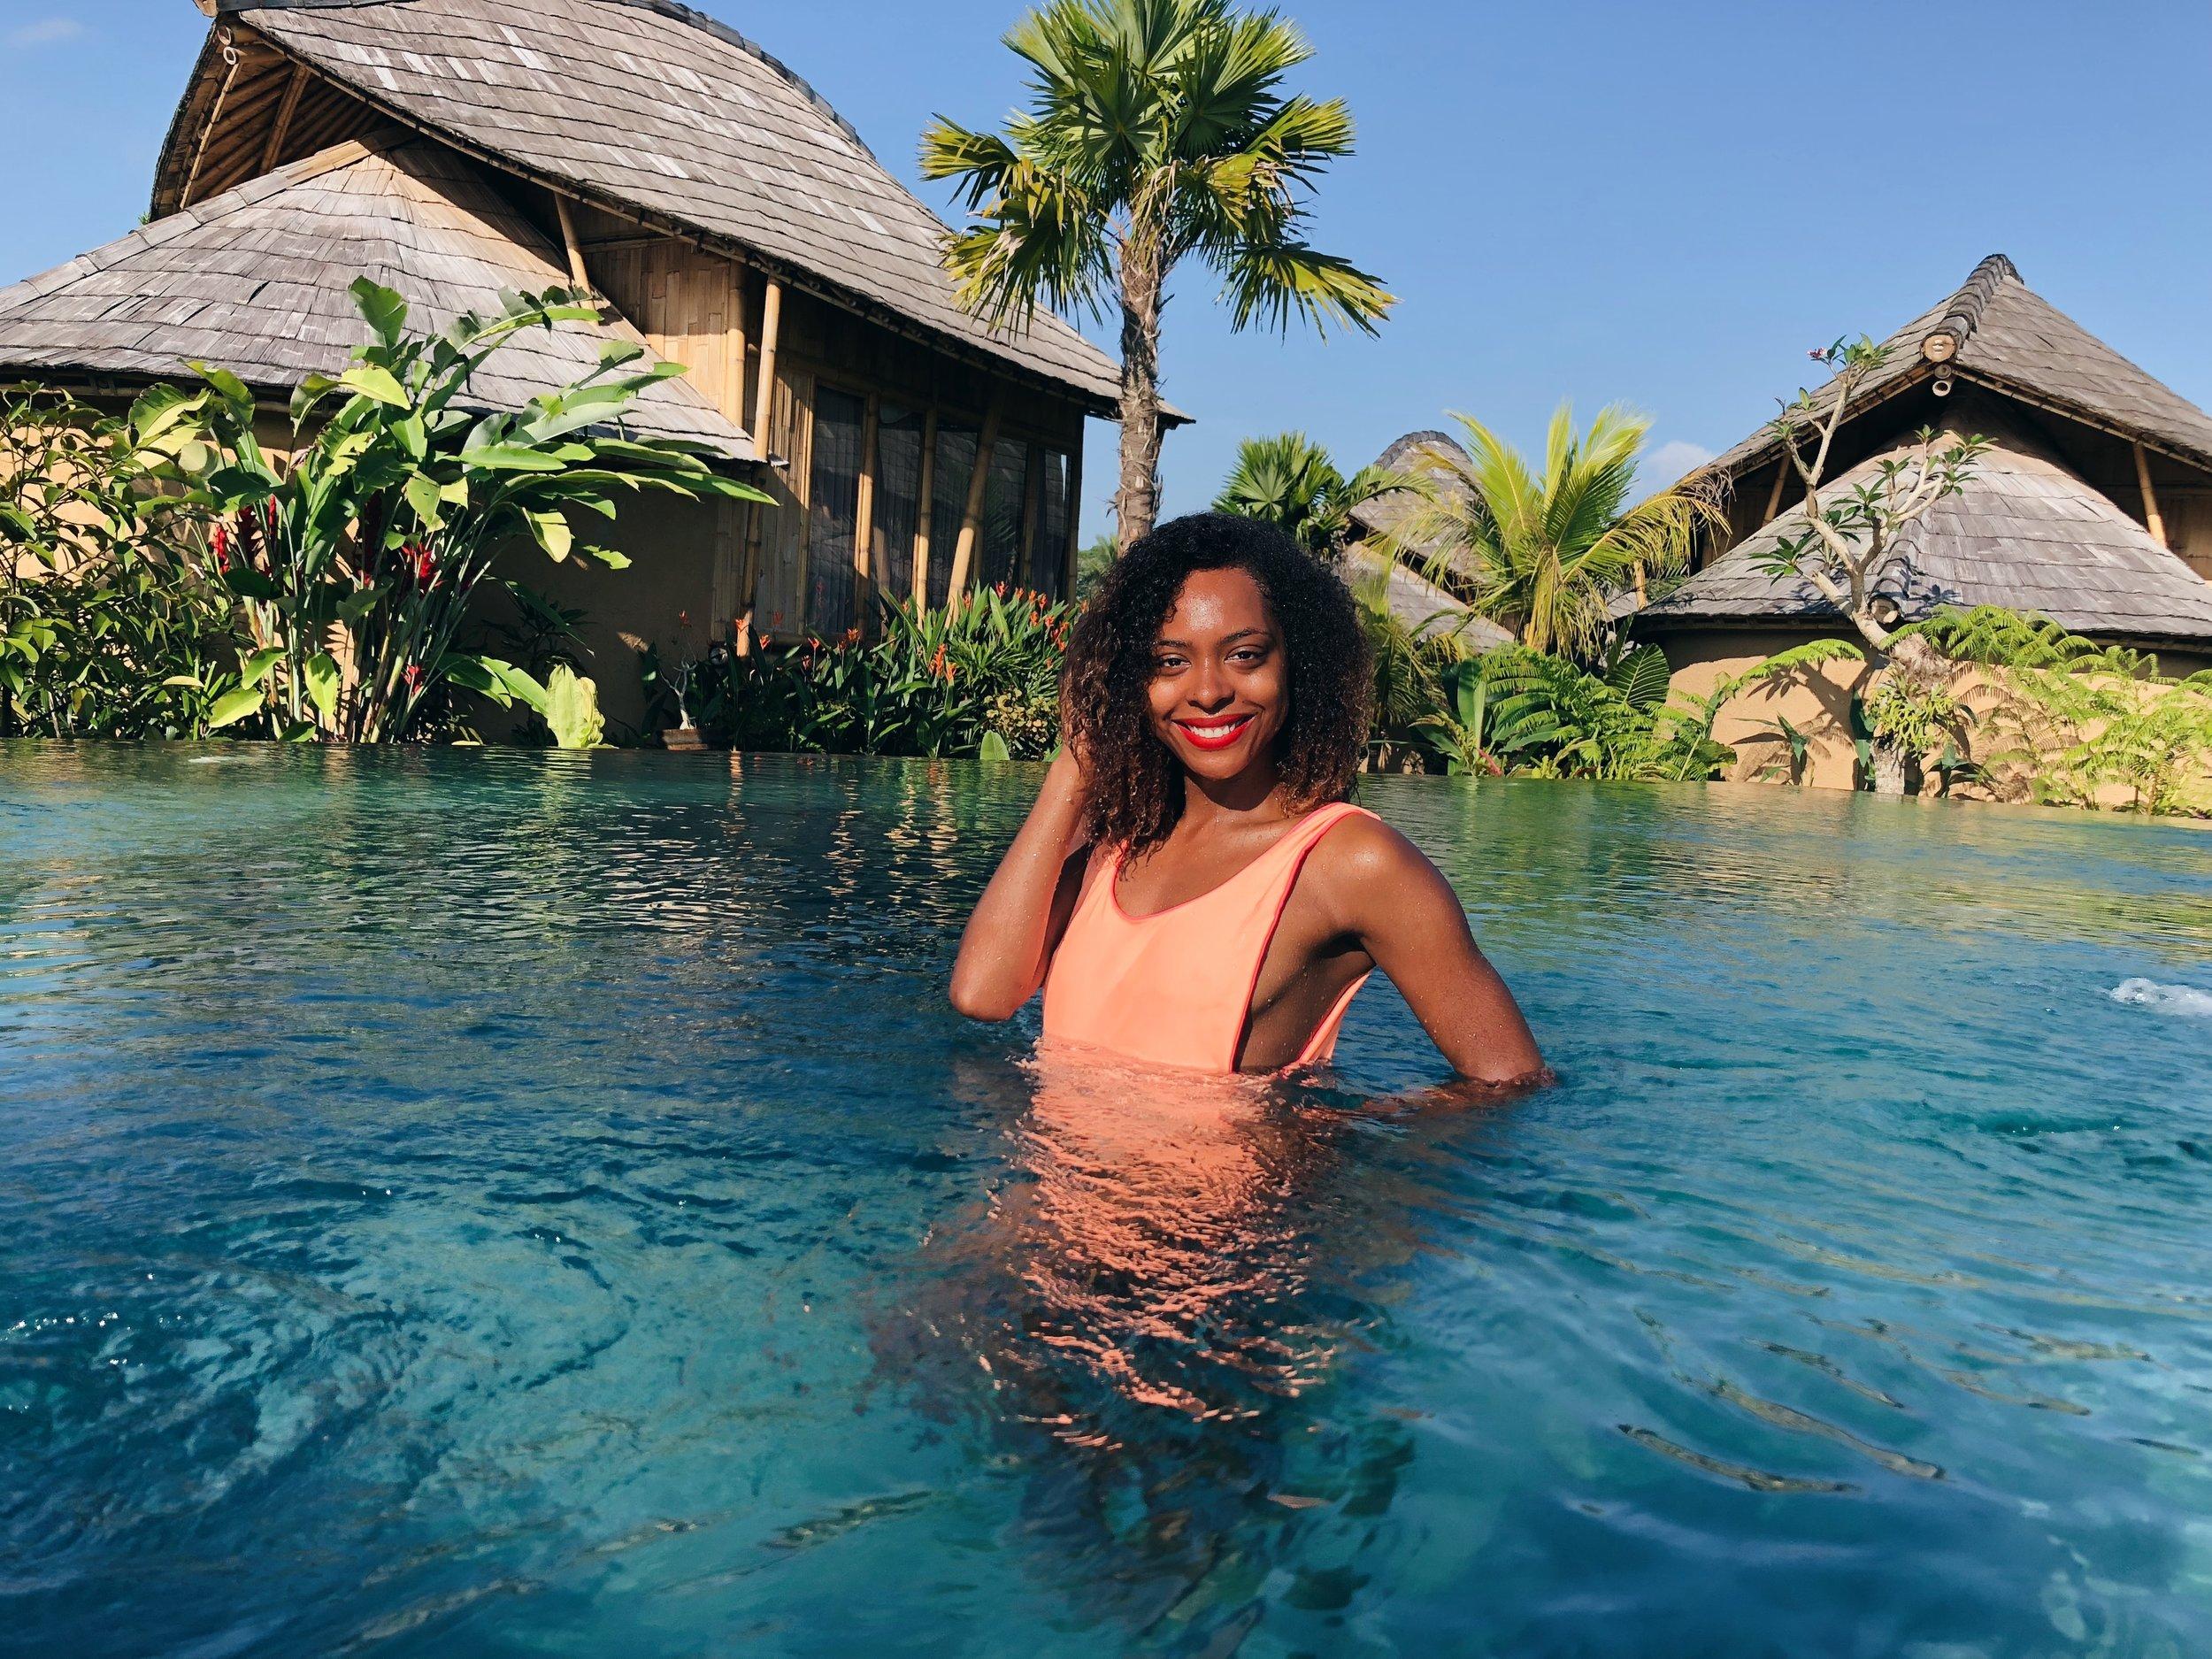 Private Villa in Bali